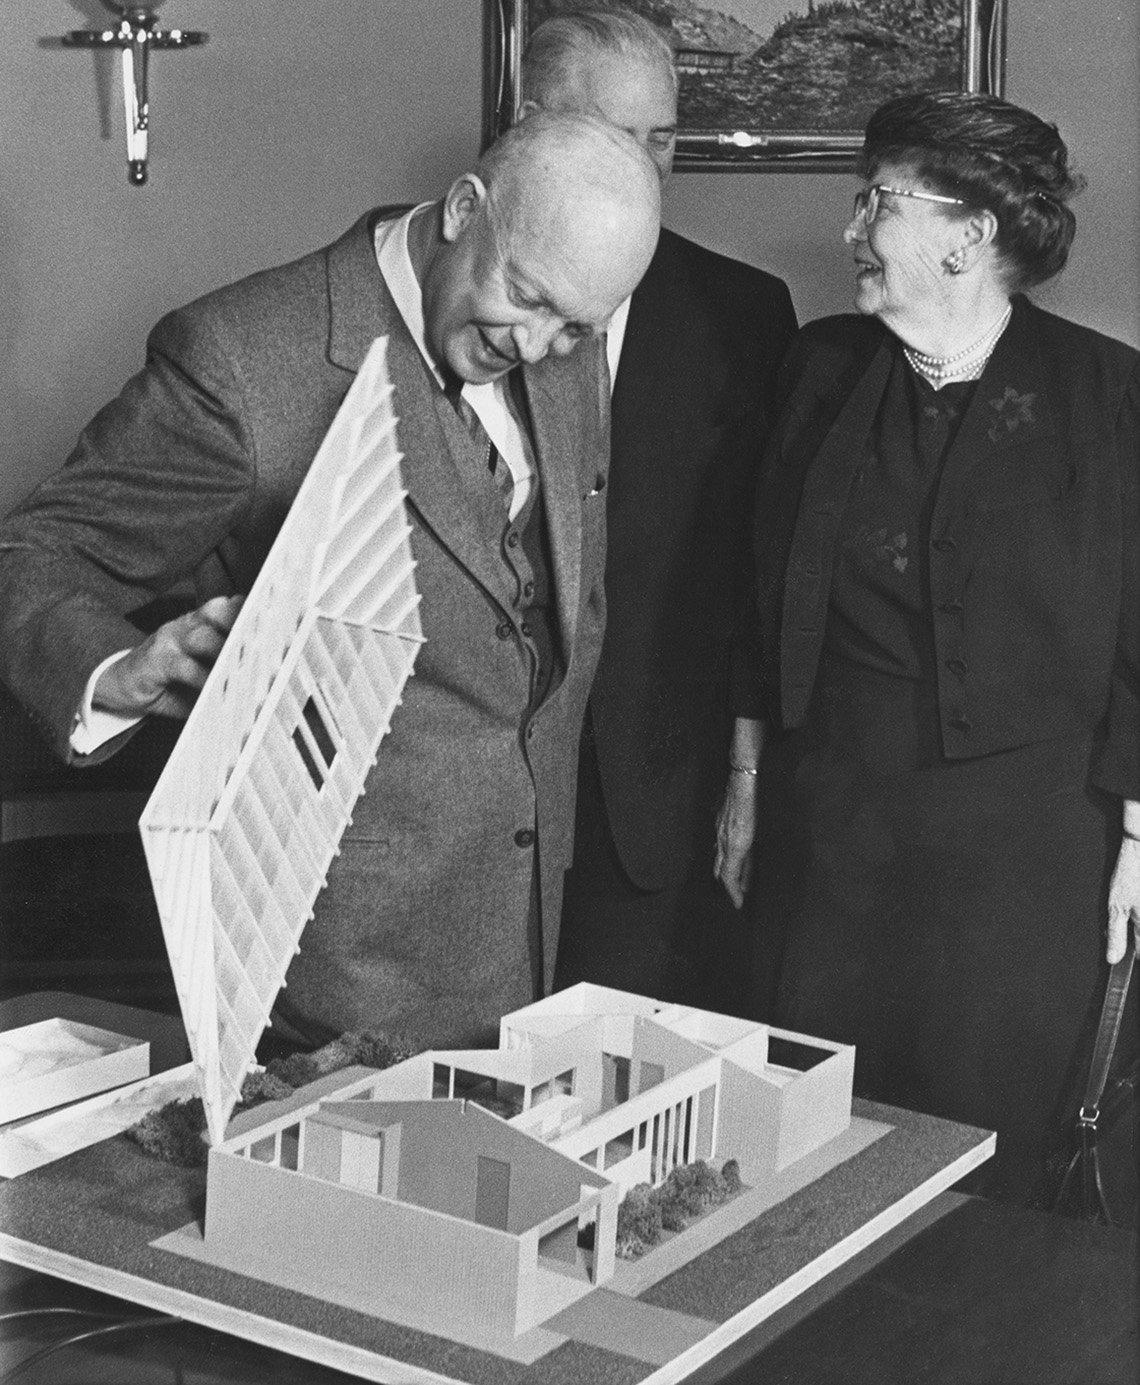 Eisenhower levanta el techo de un modelo miniatura de una casa